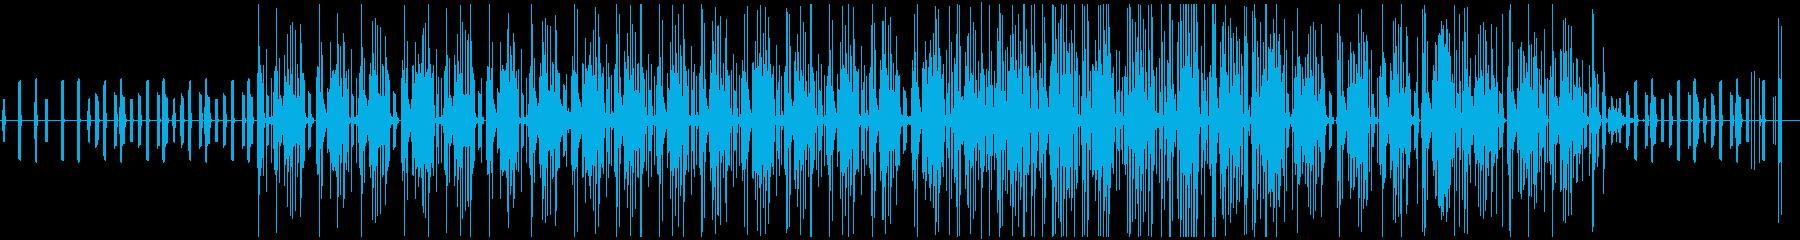 不思議で近未来的な映像に合う電子音楽の再生済みの波形